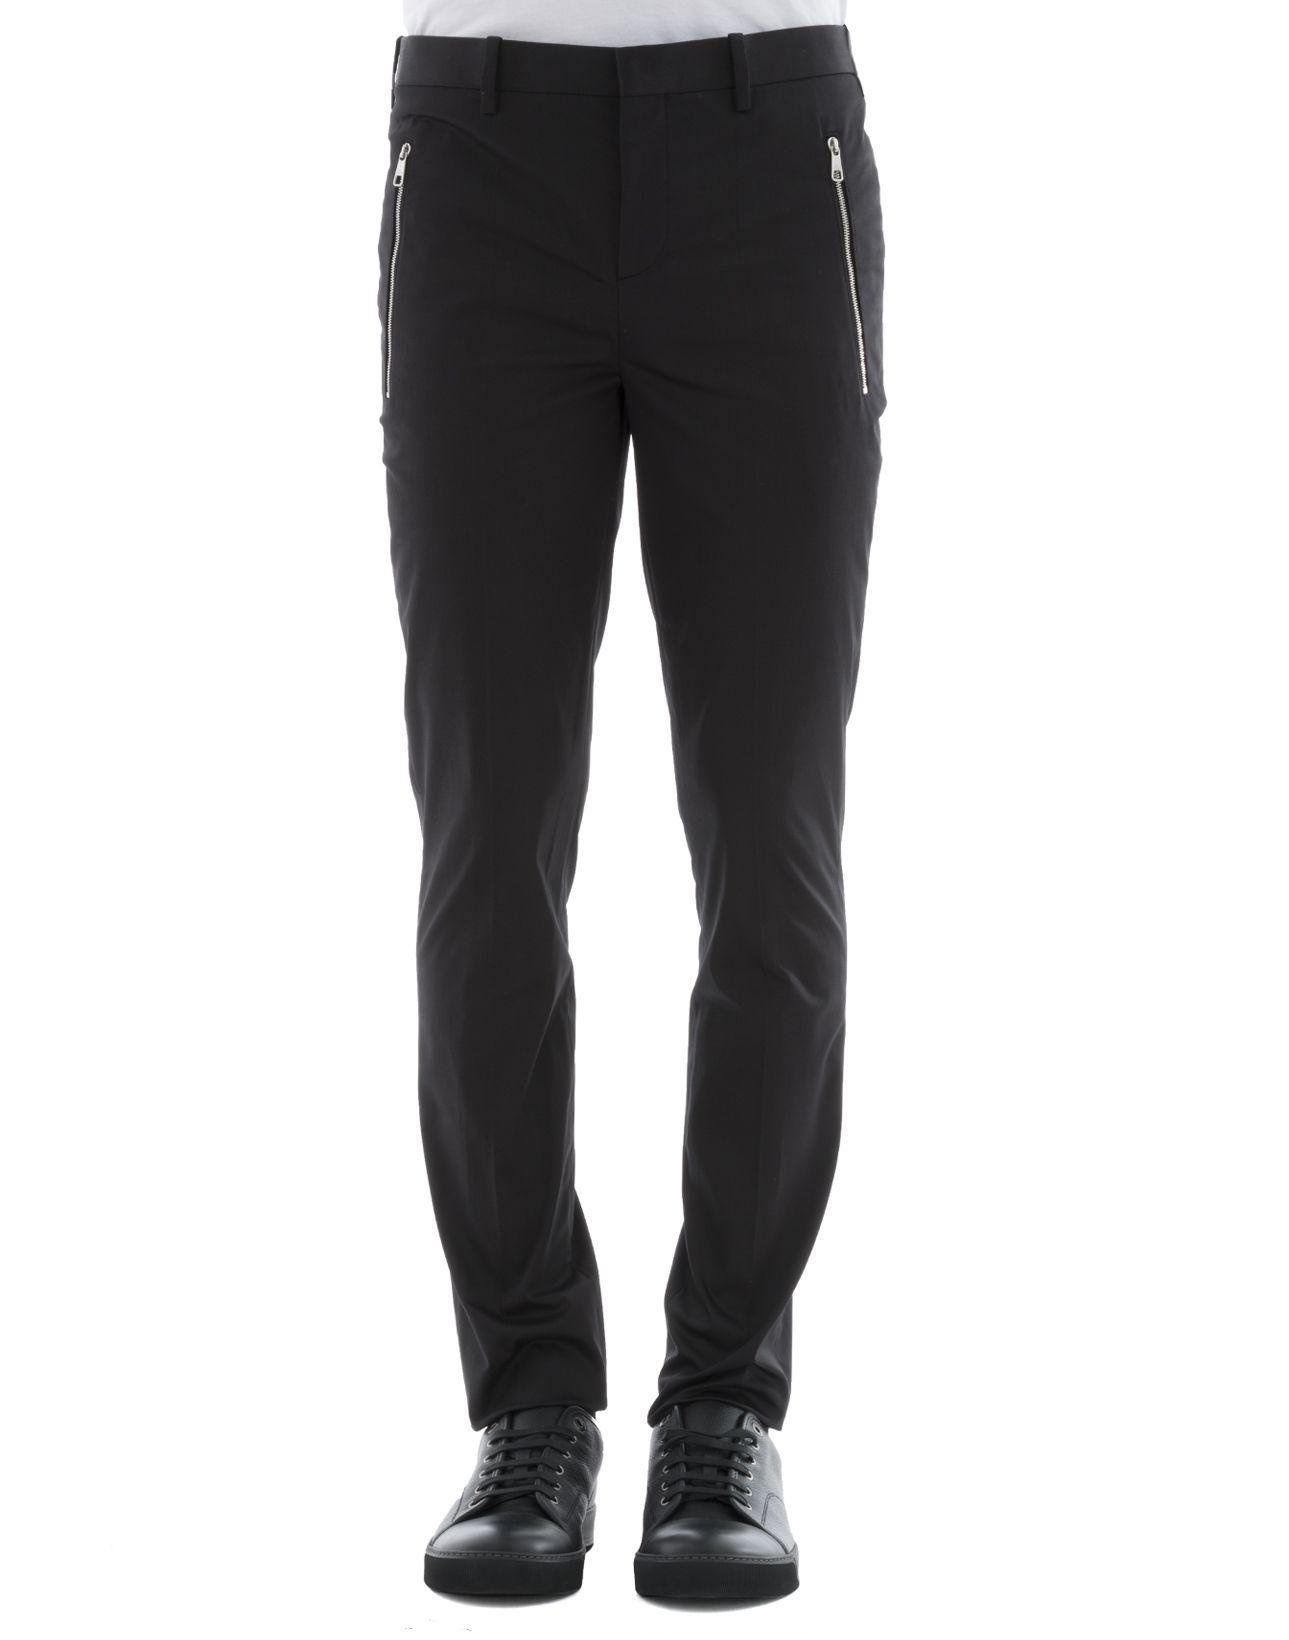 Black Cotton Pants